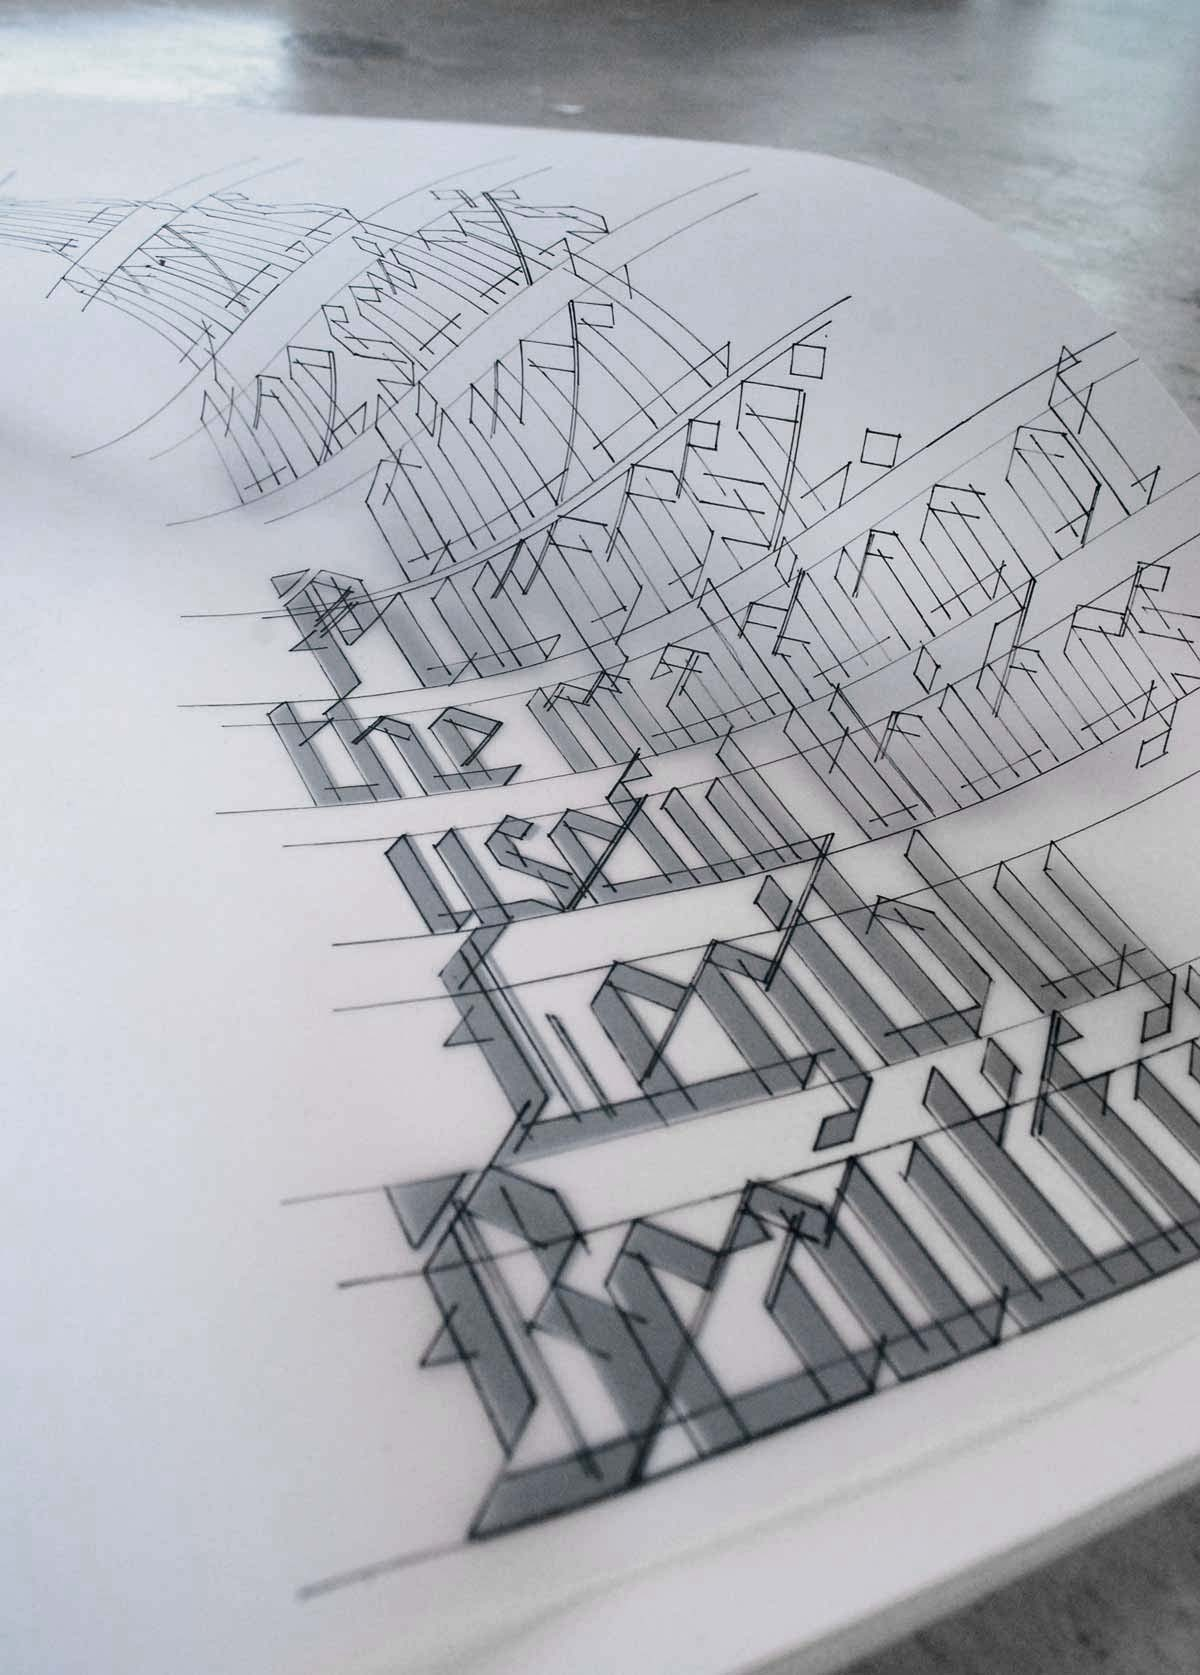 danielle-will-design-handlettering-edward-johnston6.jpg